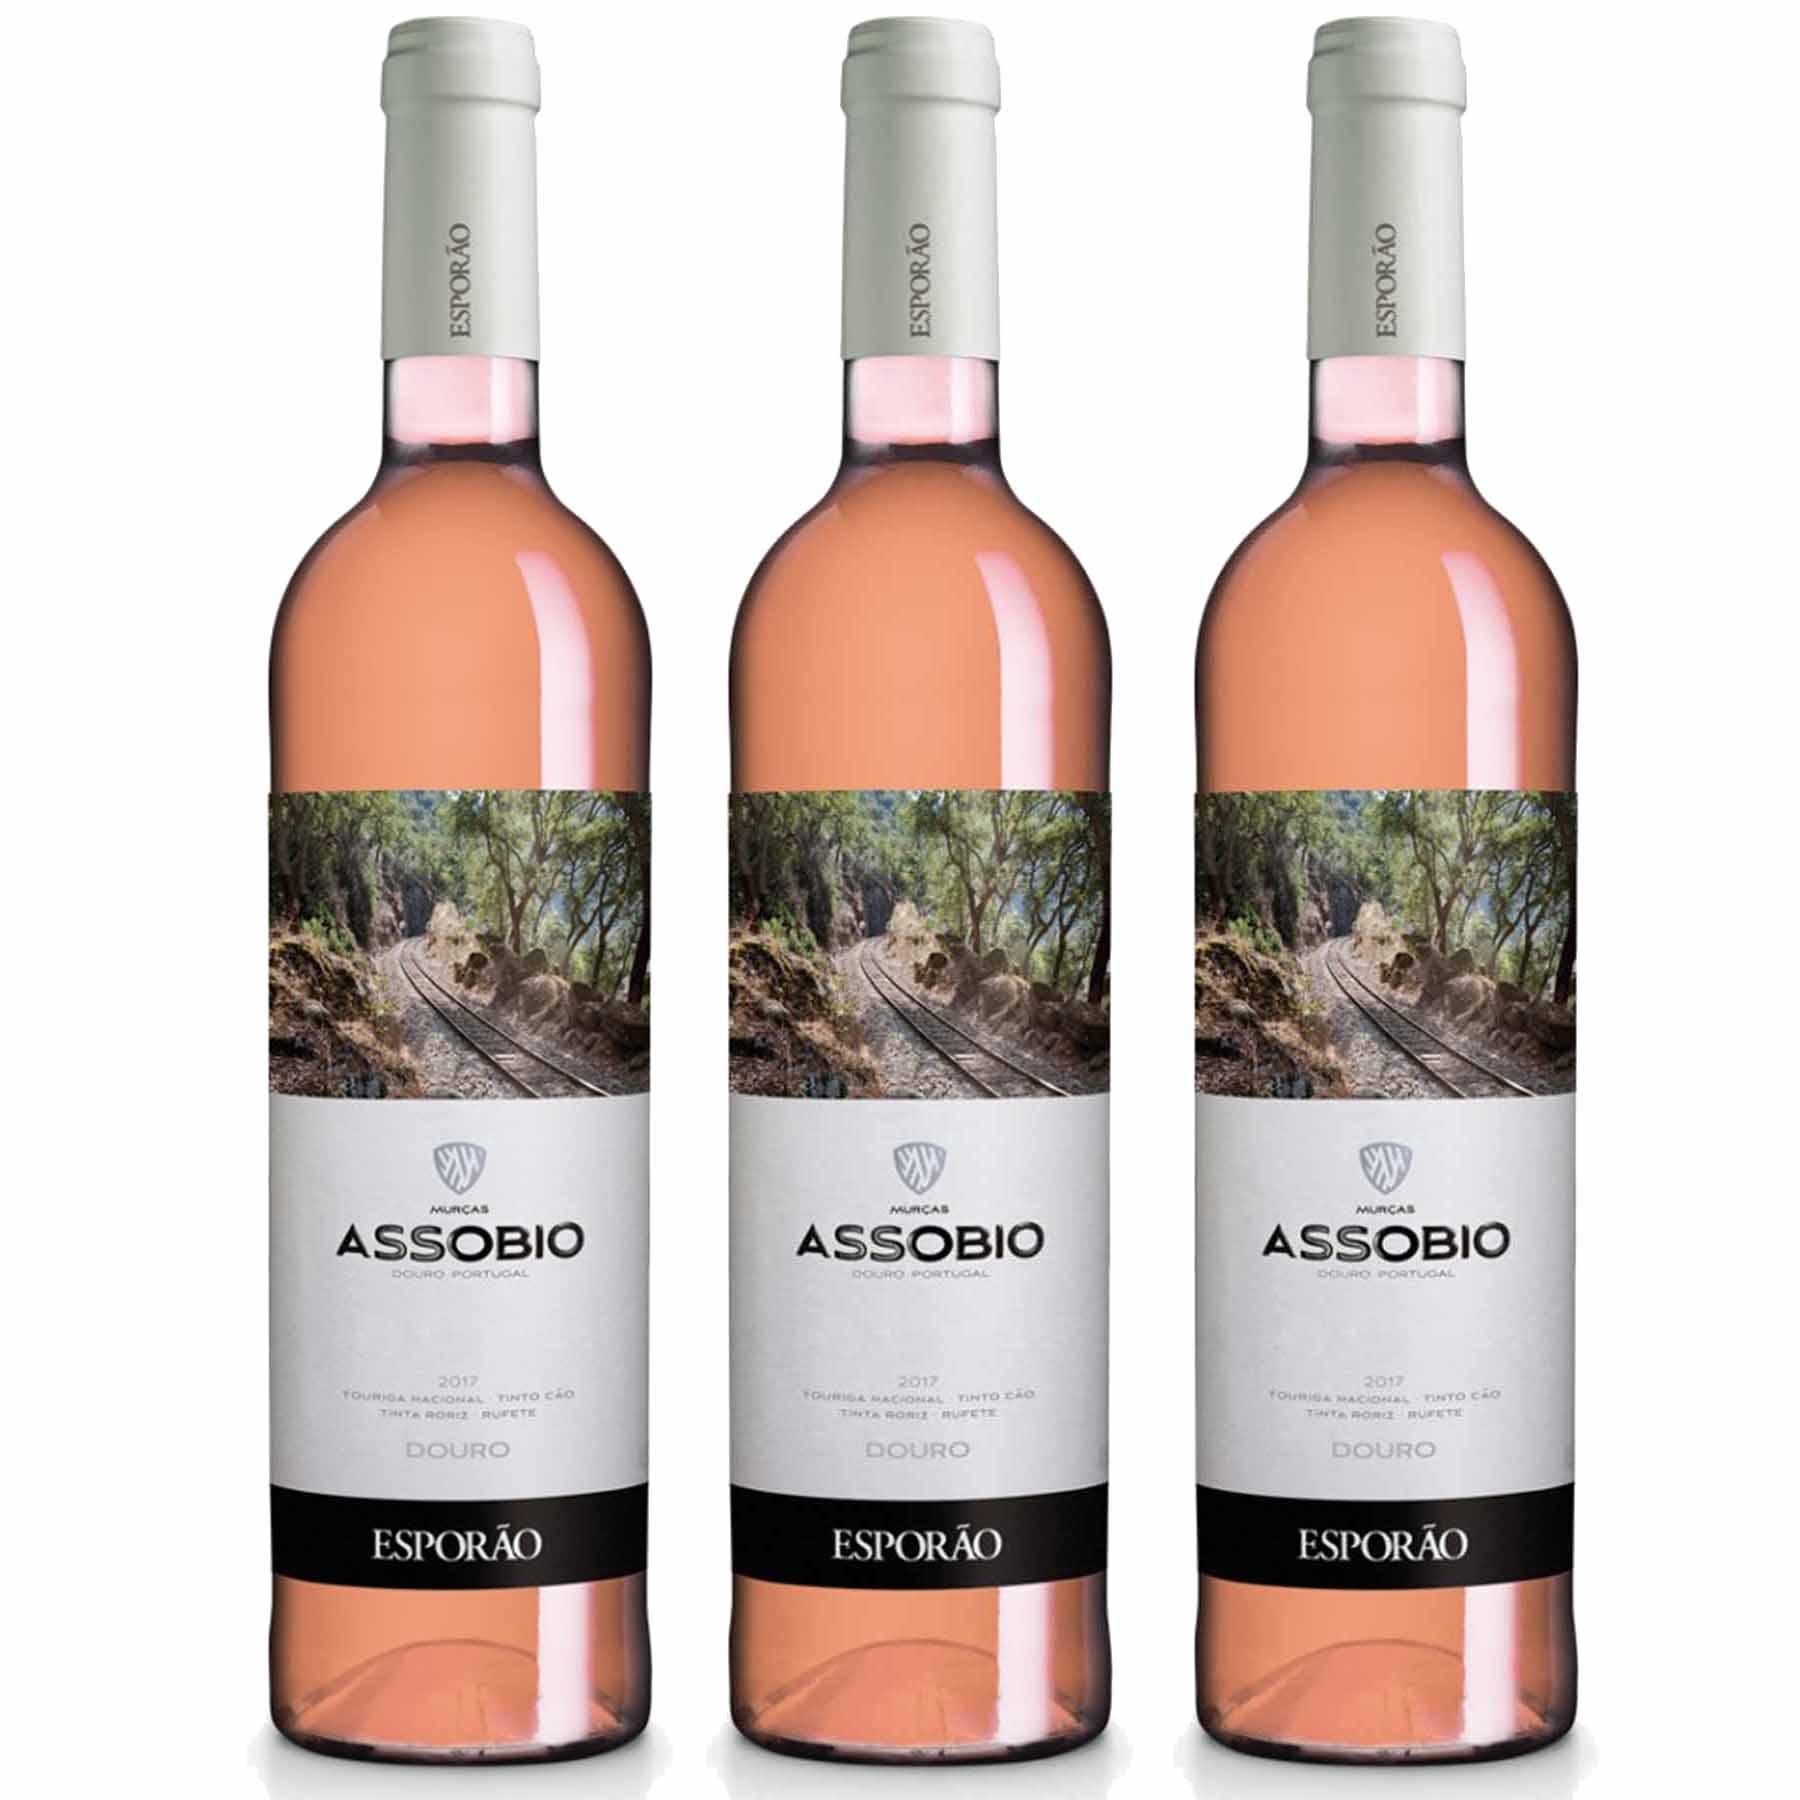 Kit 3x Vinho Português Rose Esporão Assobio Douro 750ml 2019